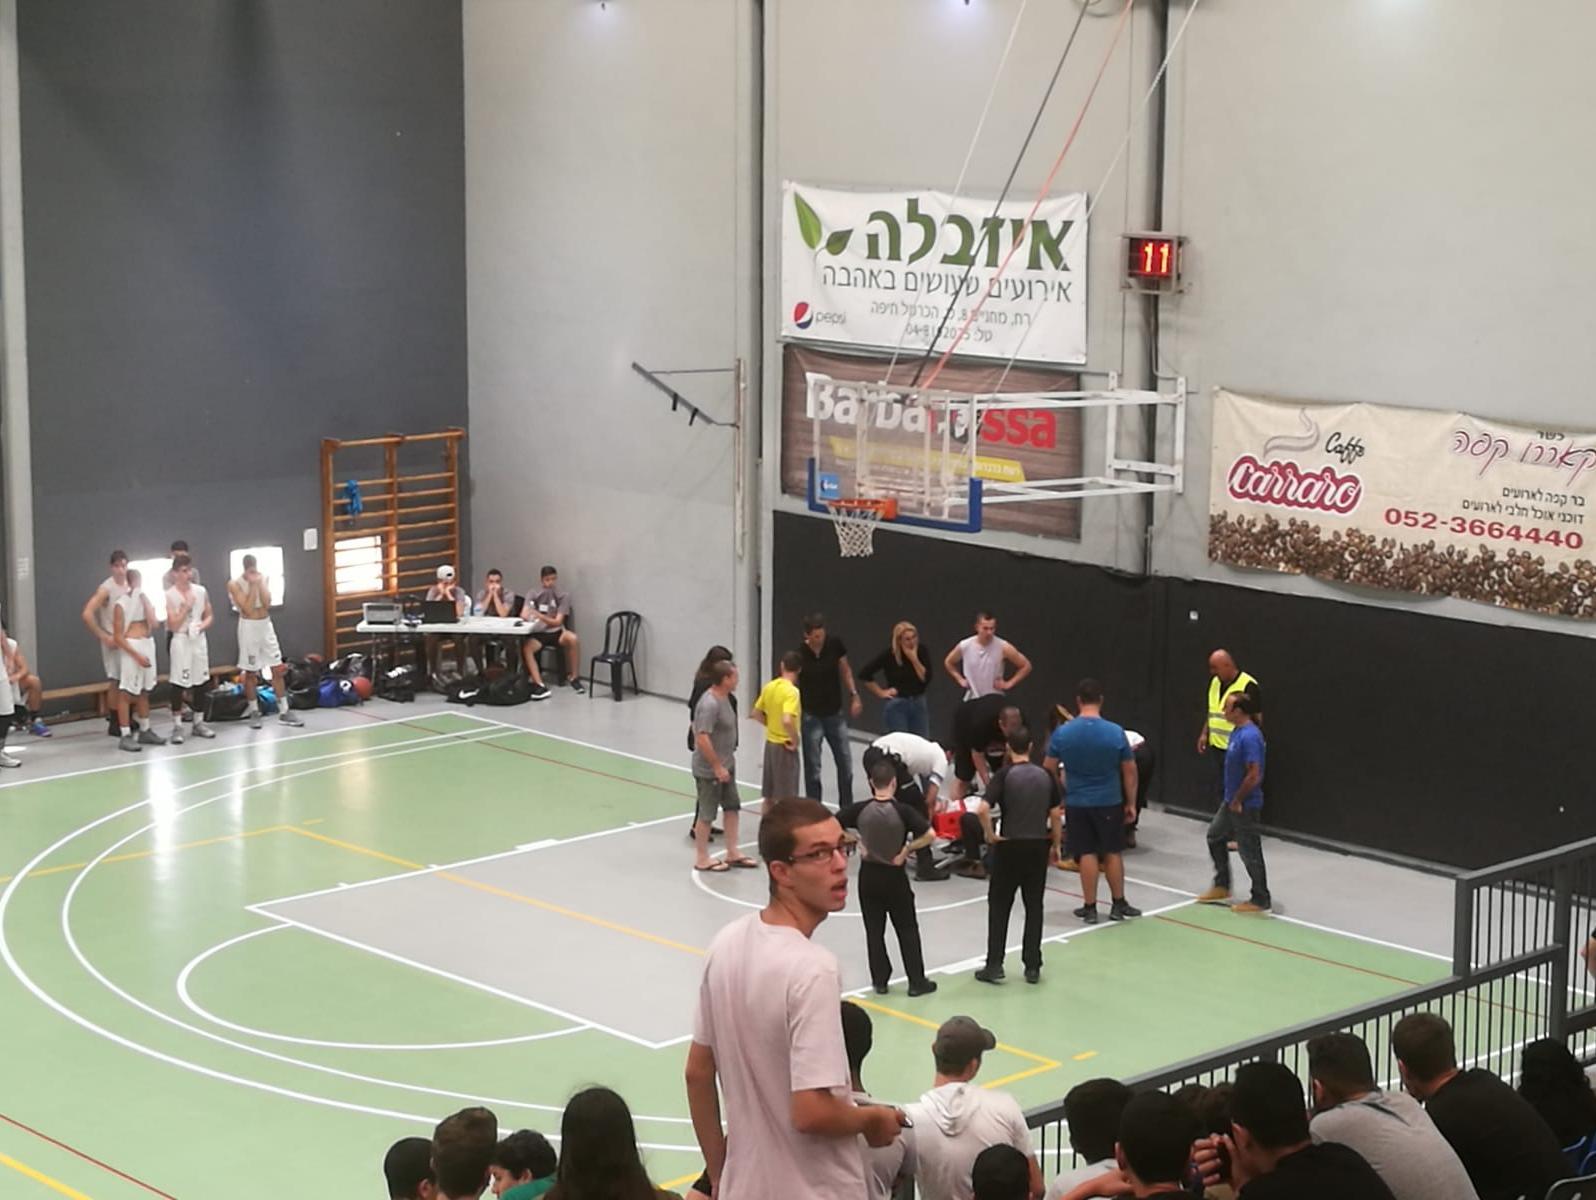 ליגת העל בתיכונים: שחקן ליאו בק חיפה פונה לבית החולים לאחר פגיעת ראש